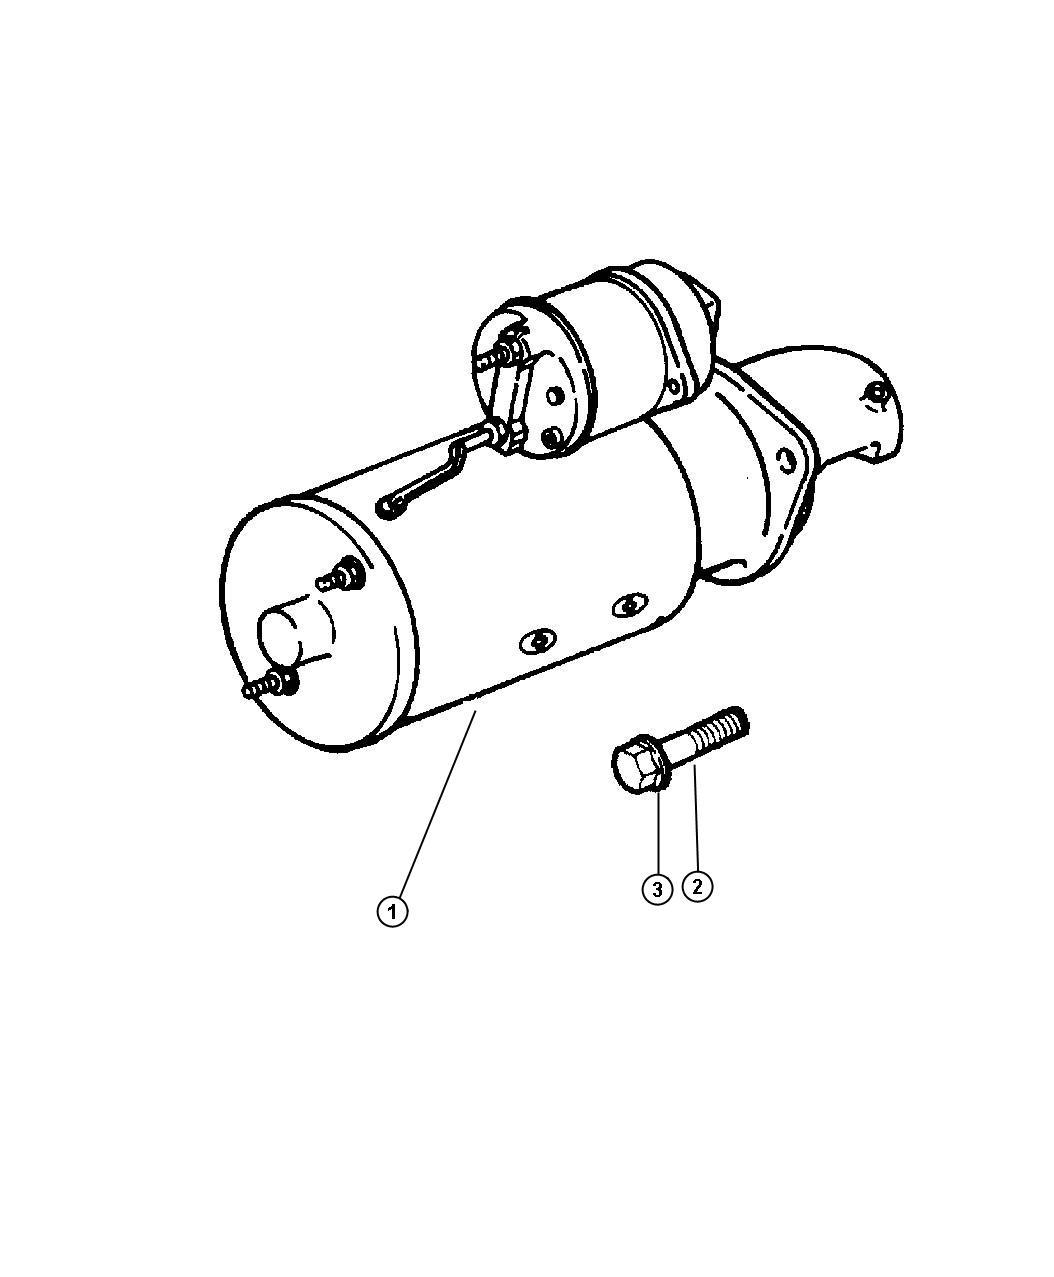 starter motor dodge ram 1500